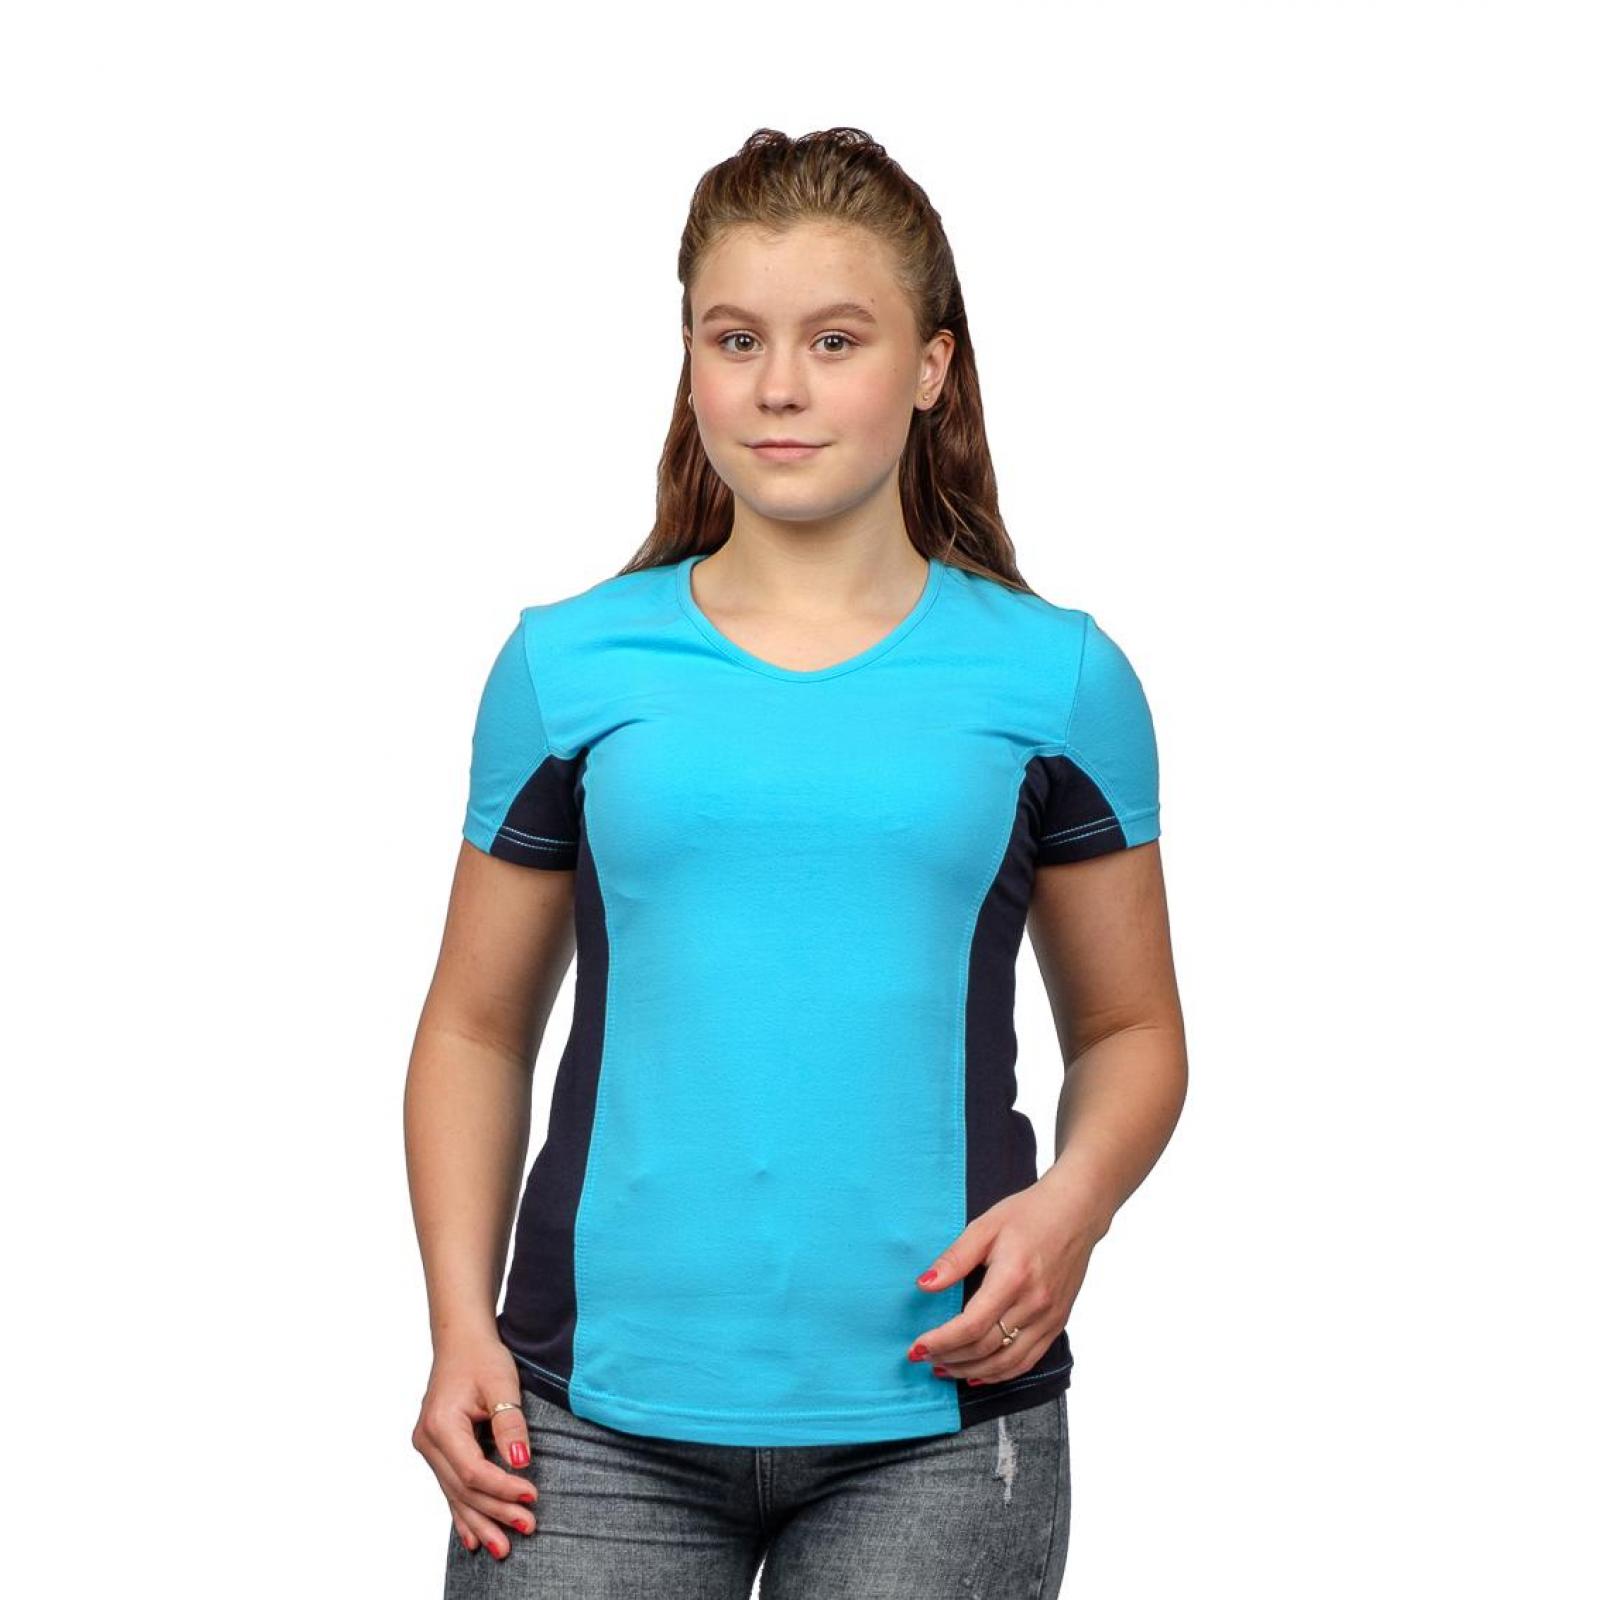 Футболка комбинированная голубая М-0043Г